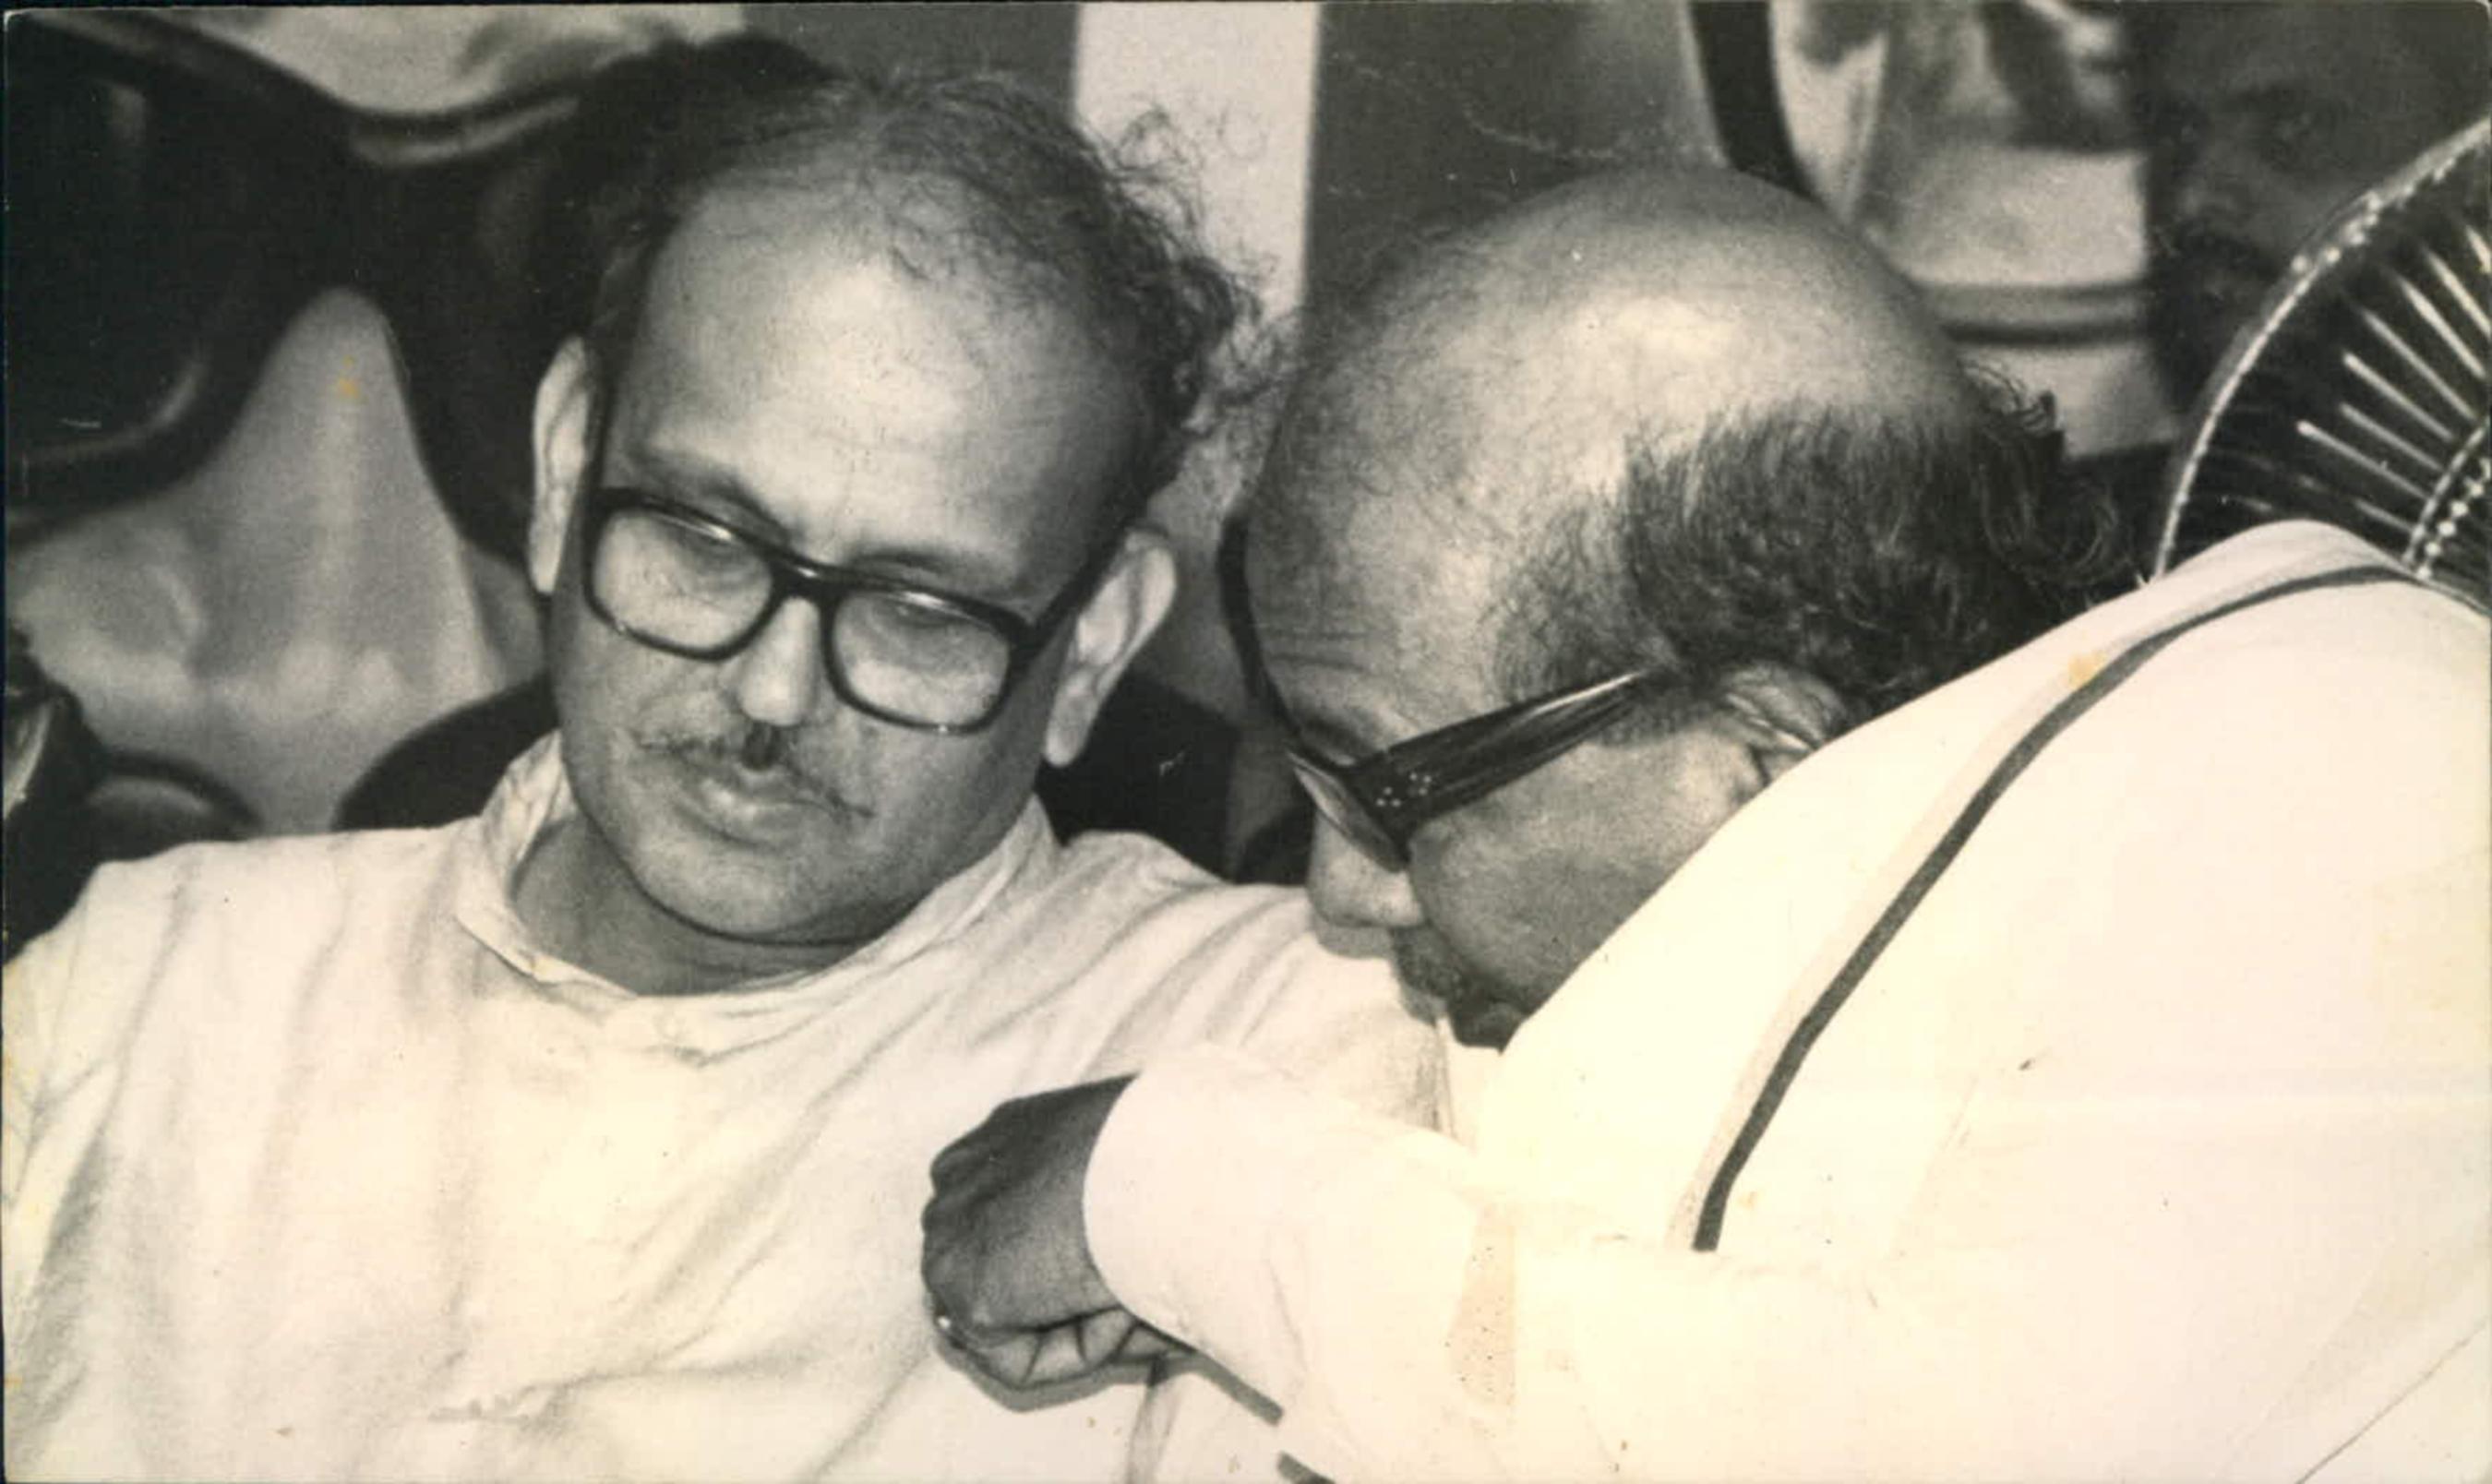 மண்டல் கமிஷன், வி.பி.சிங், கருணாநிதி